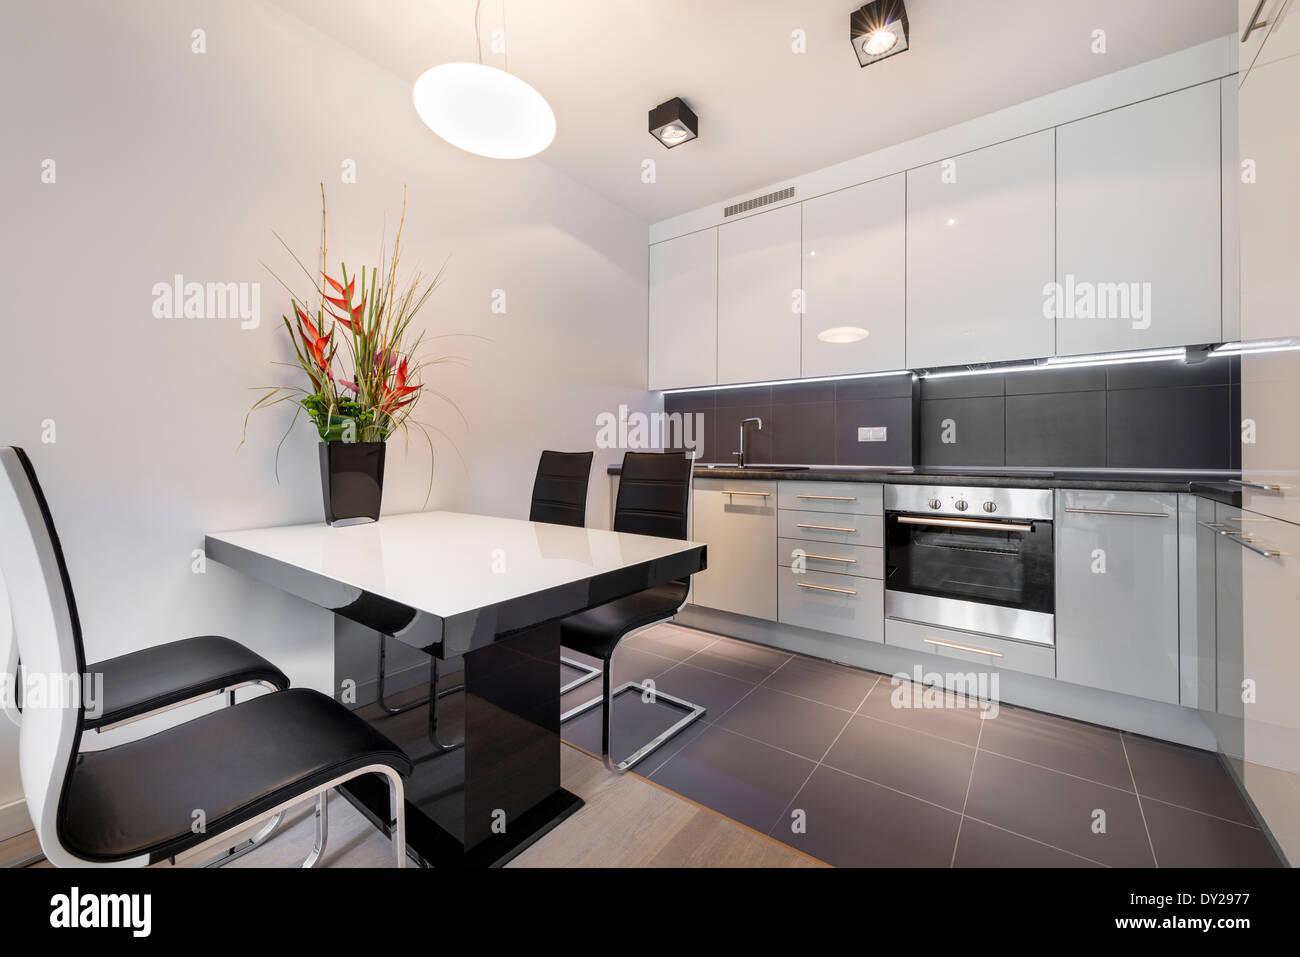 Cucina Moderna Con Il Grigio Con Pavimento In Piastrelle Bianche E